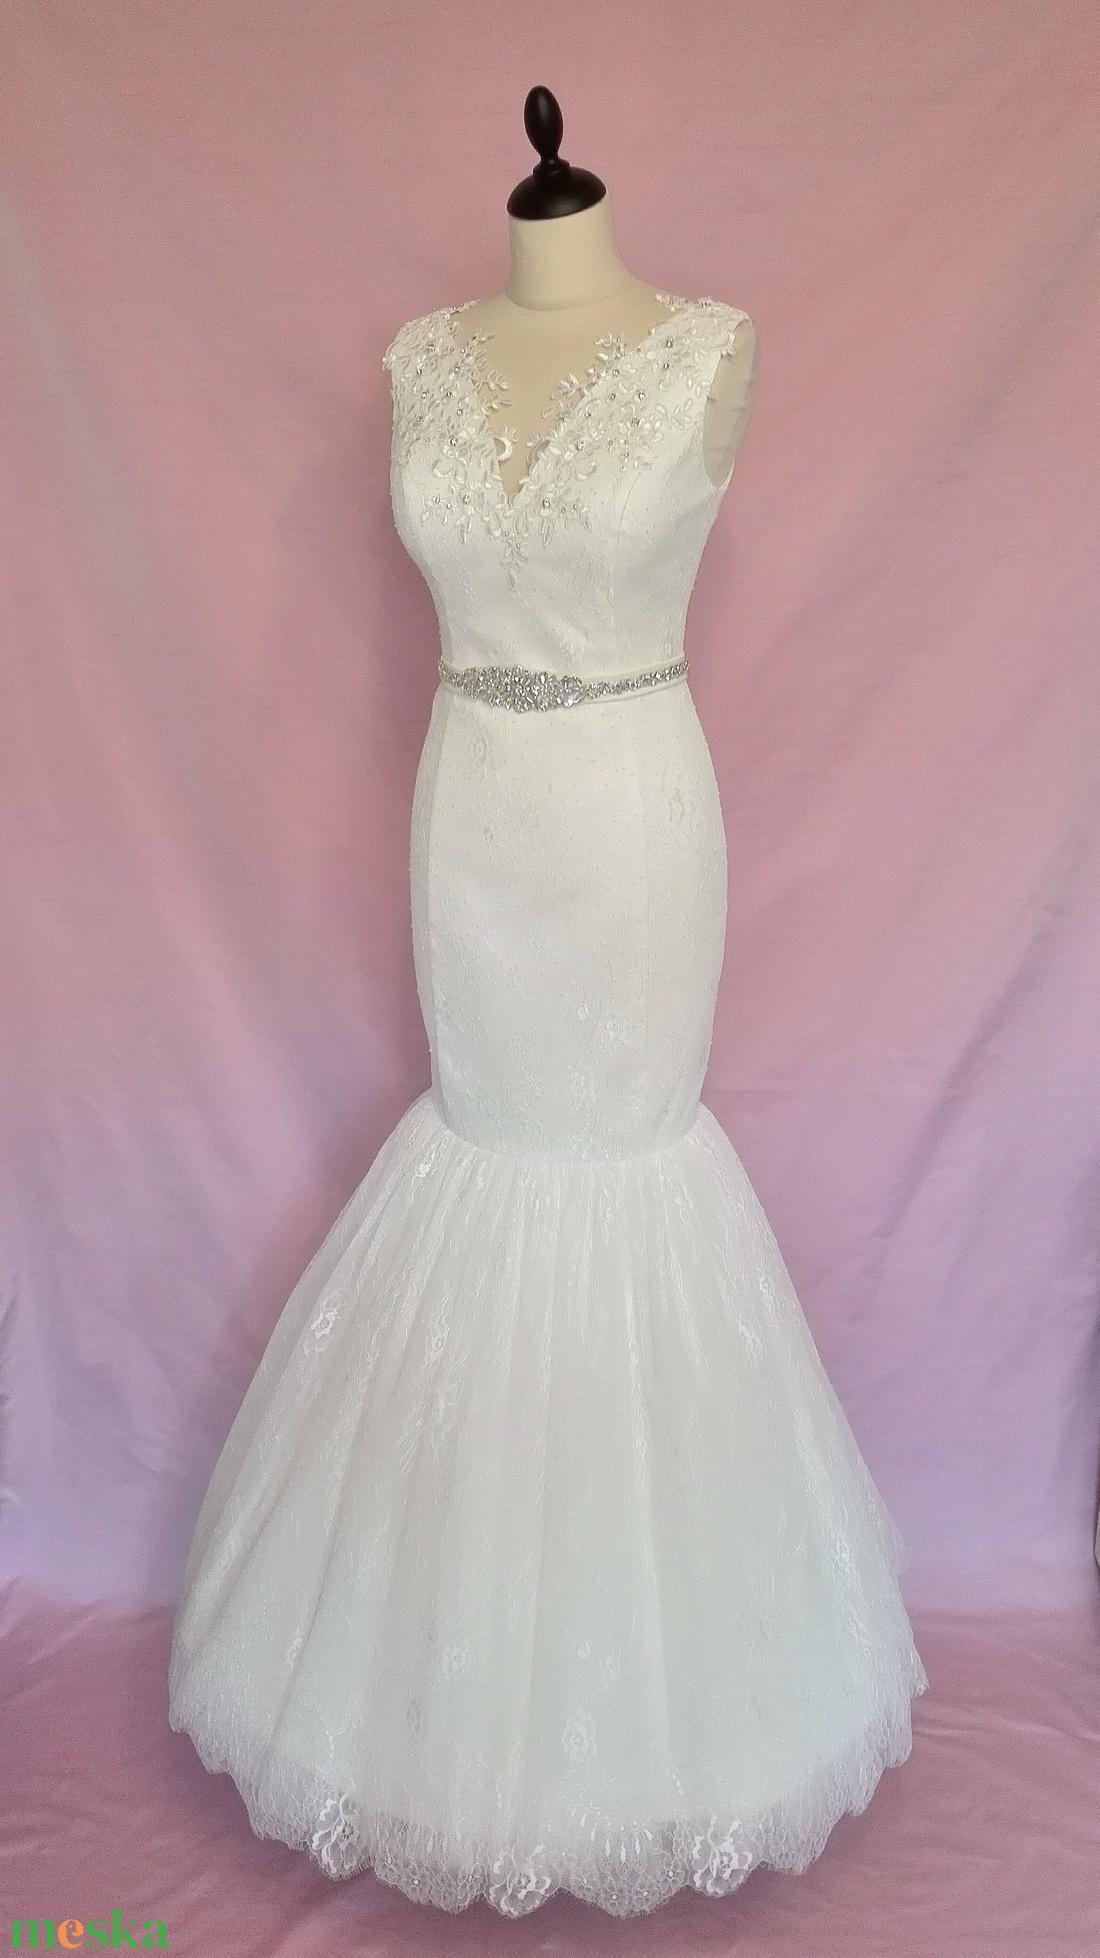 ... Csipke menyasszonyi ruha övvel (nicoledesign) - Meska.hu ... 93220e9fae